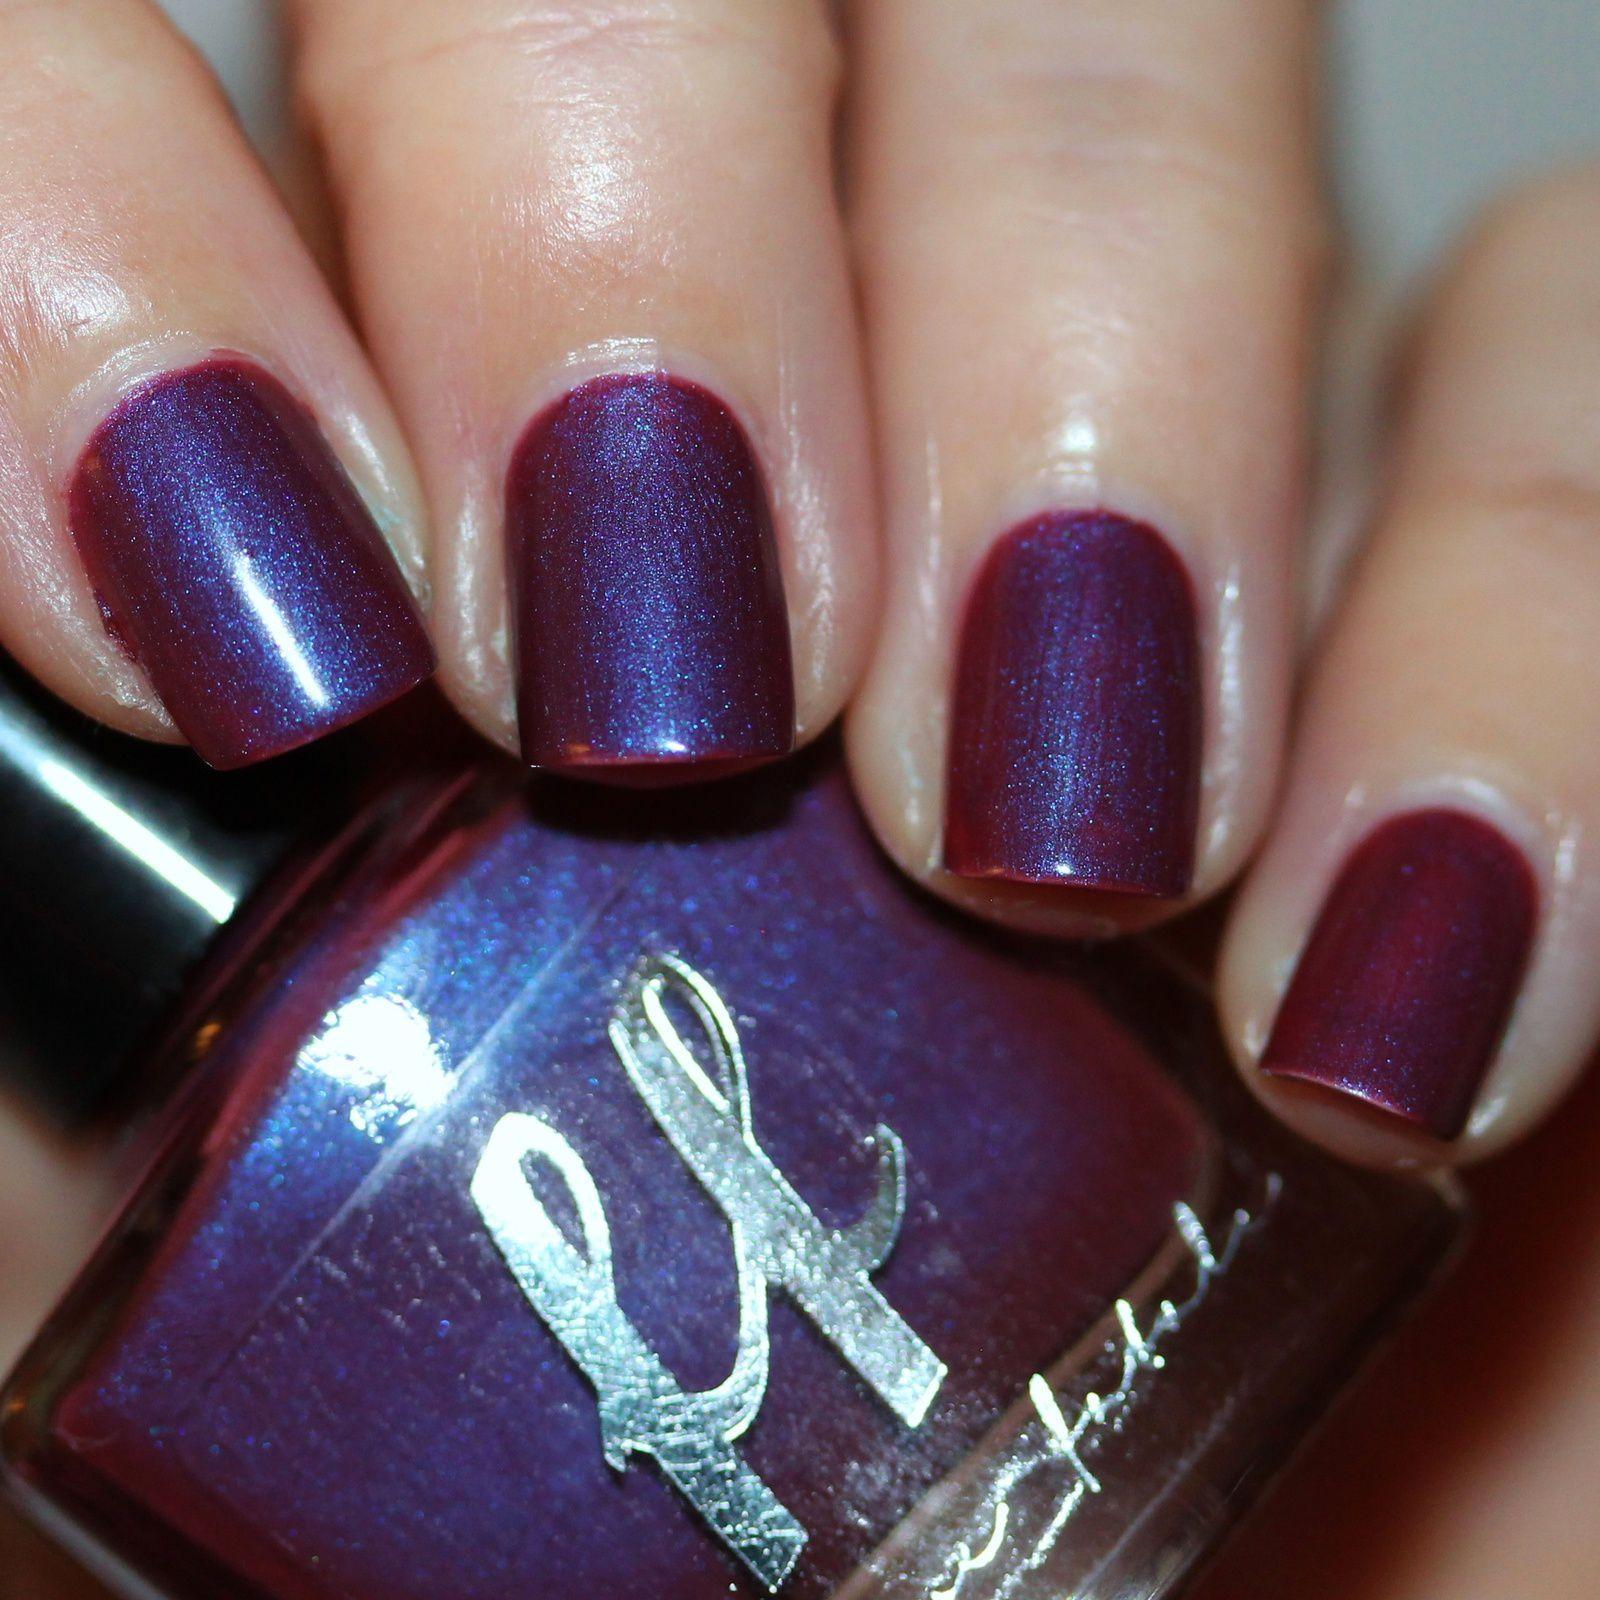 Femme Fatale Cosmetics Currant Wine (2 coats, no top coat)